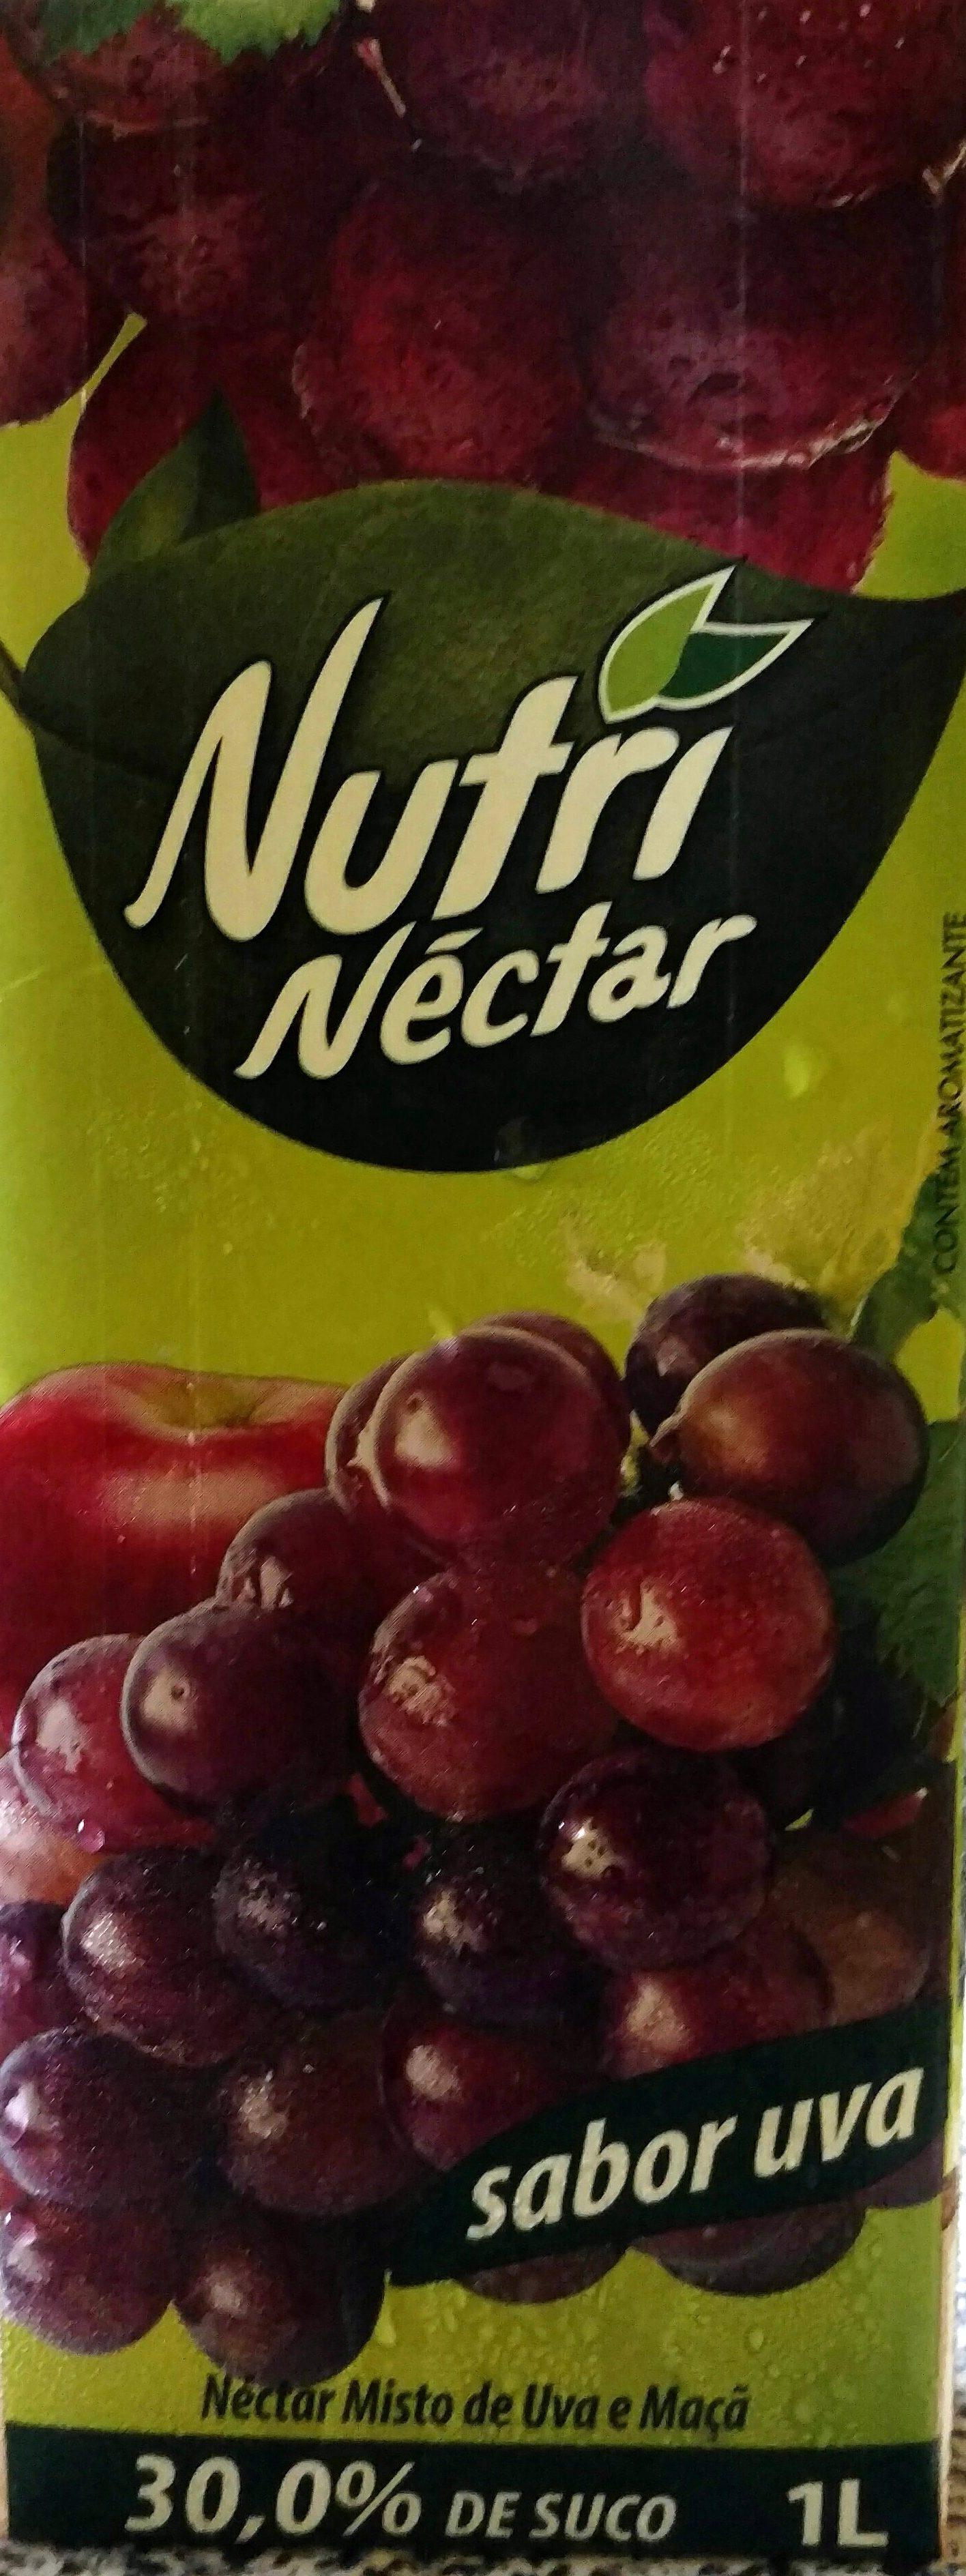 Nutri Néctar sabor uva - Produto - pt